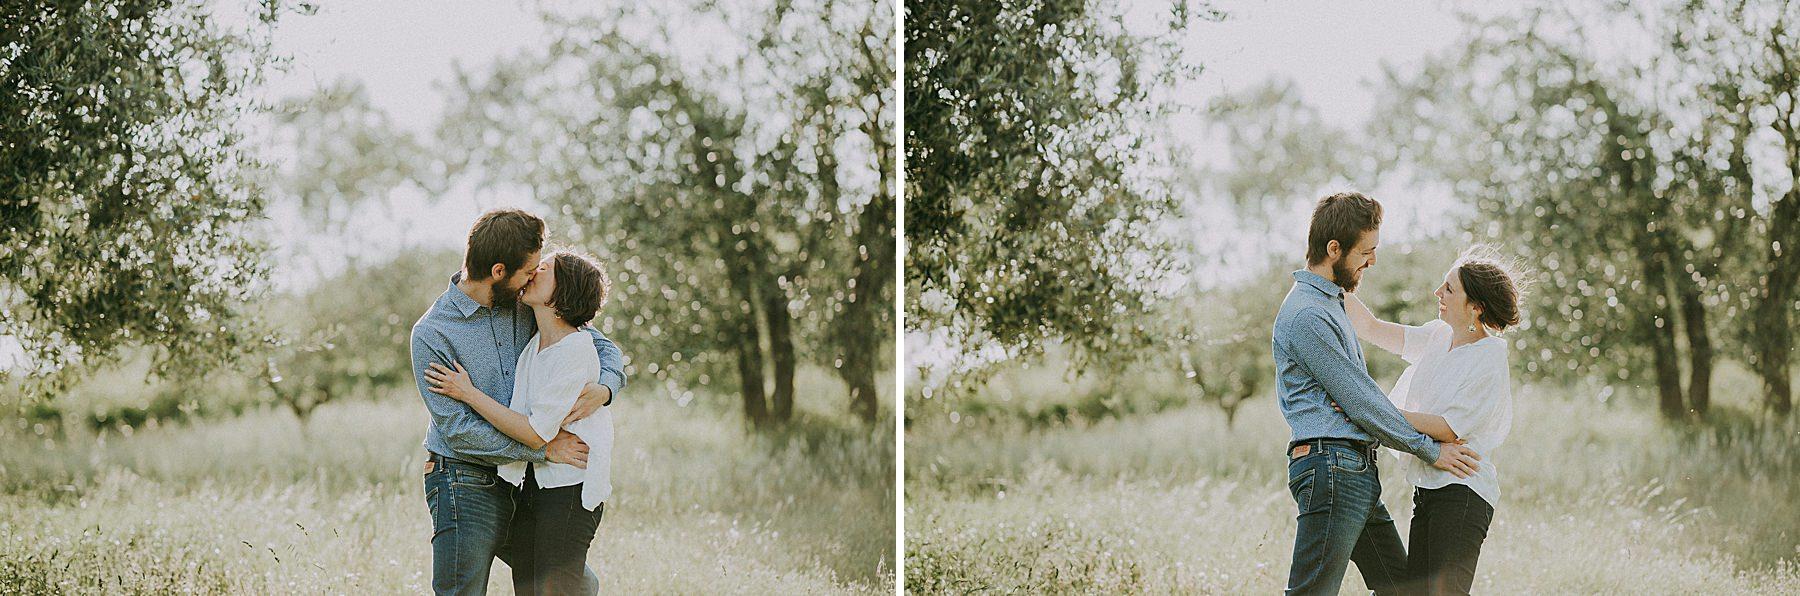 servizio fotografico di coppia in campagna